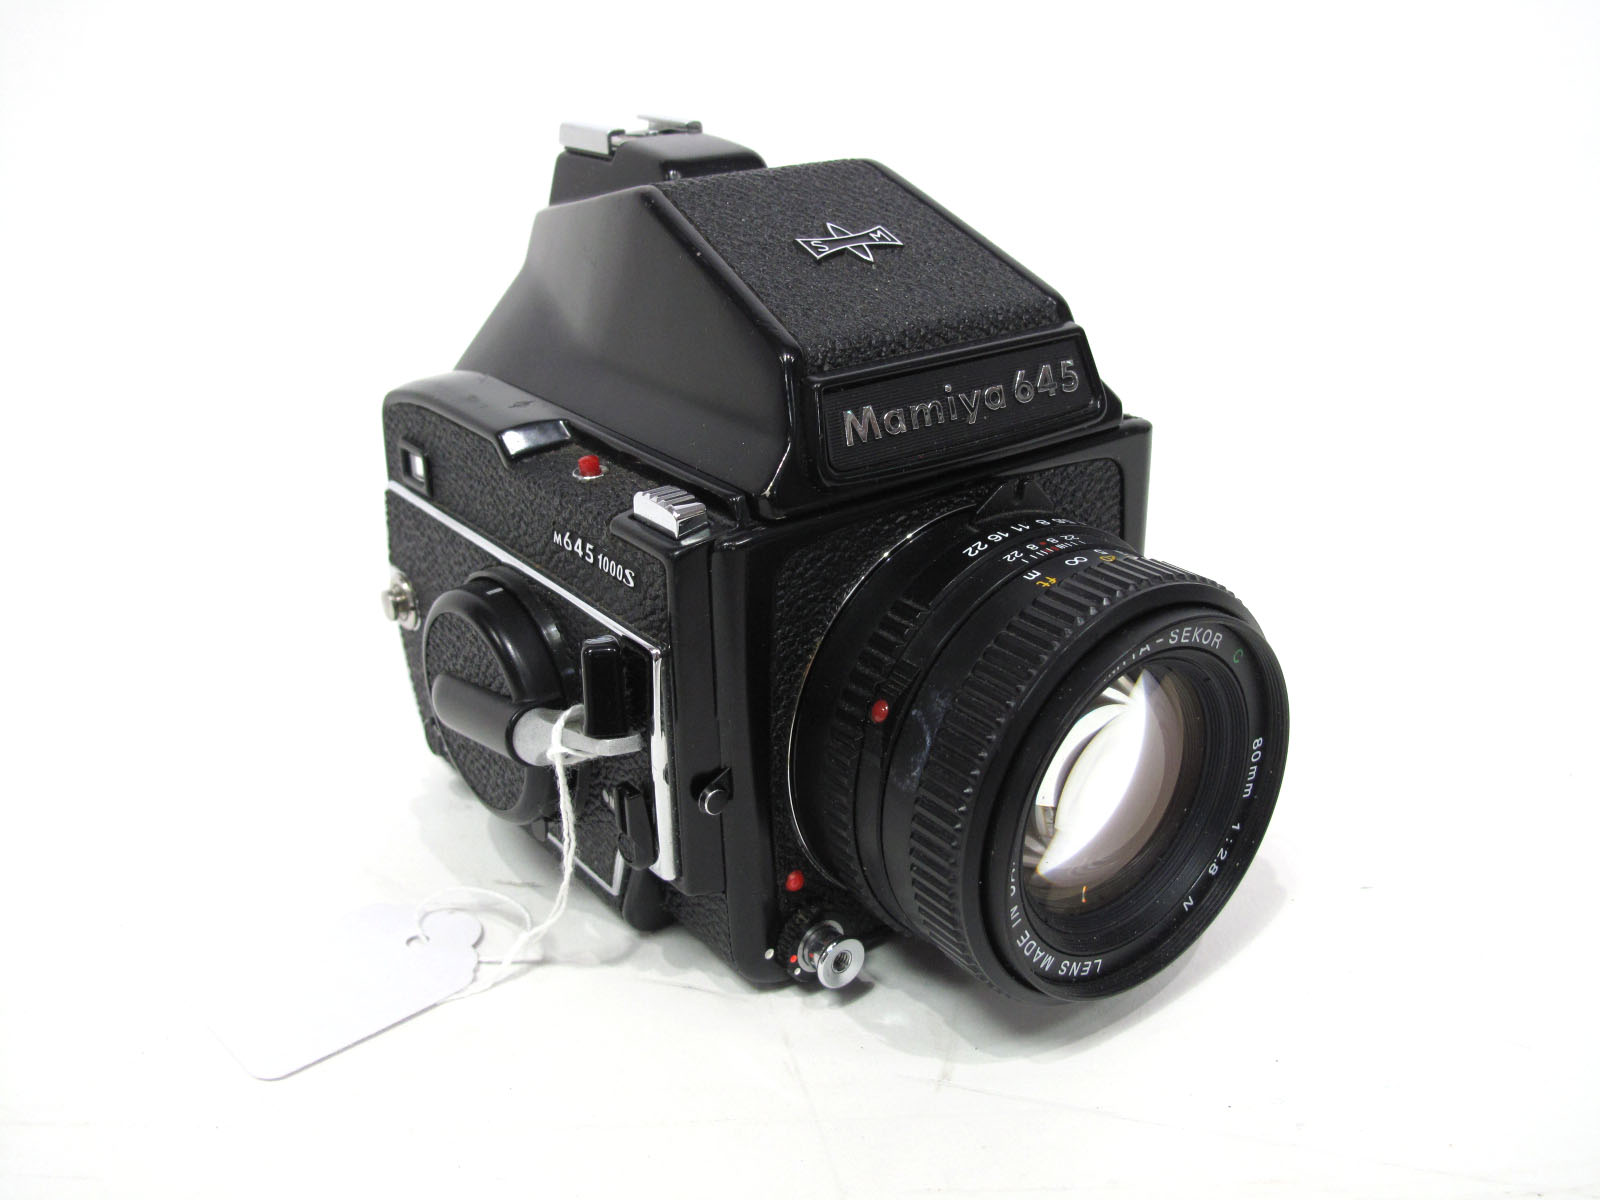 Hamiya M645 1000 S and Sekor 80mm 1.28 Lens.